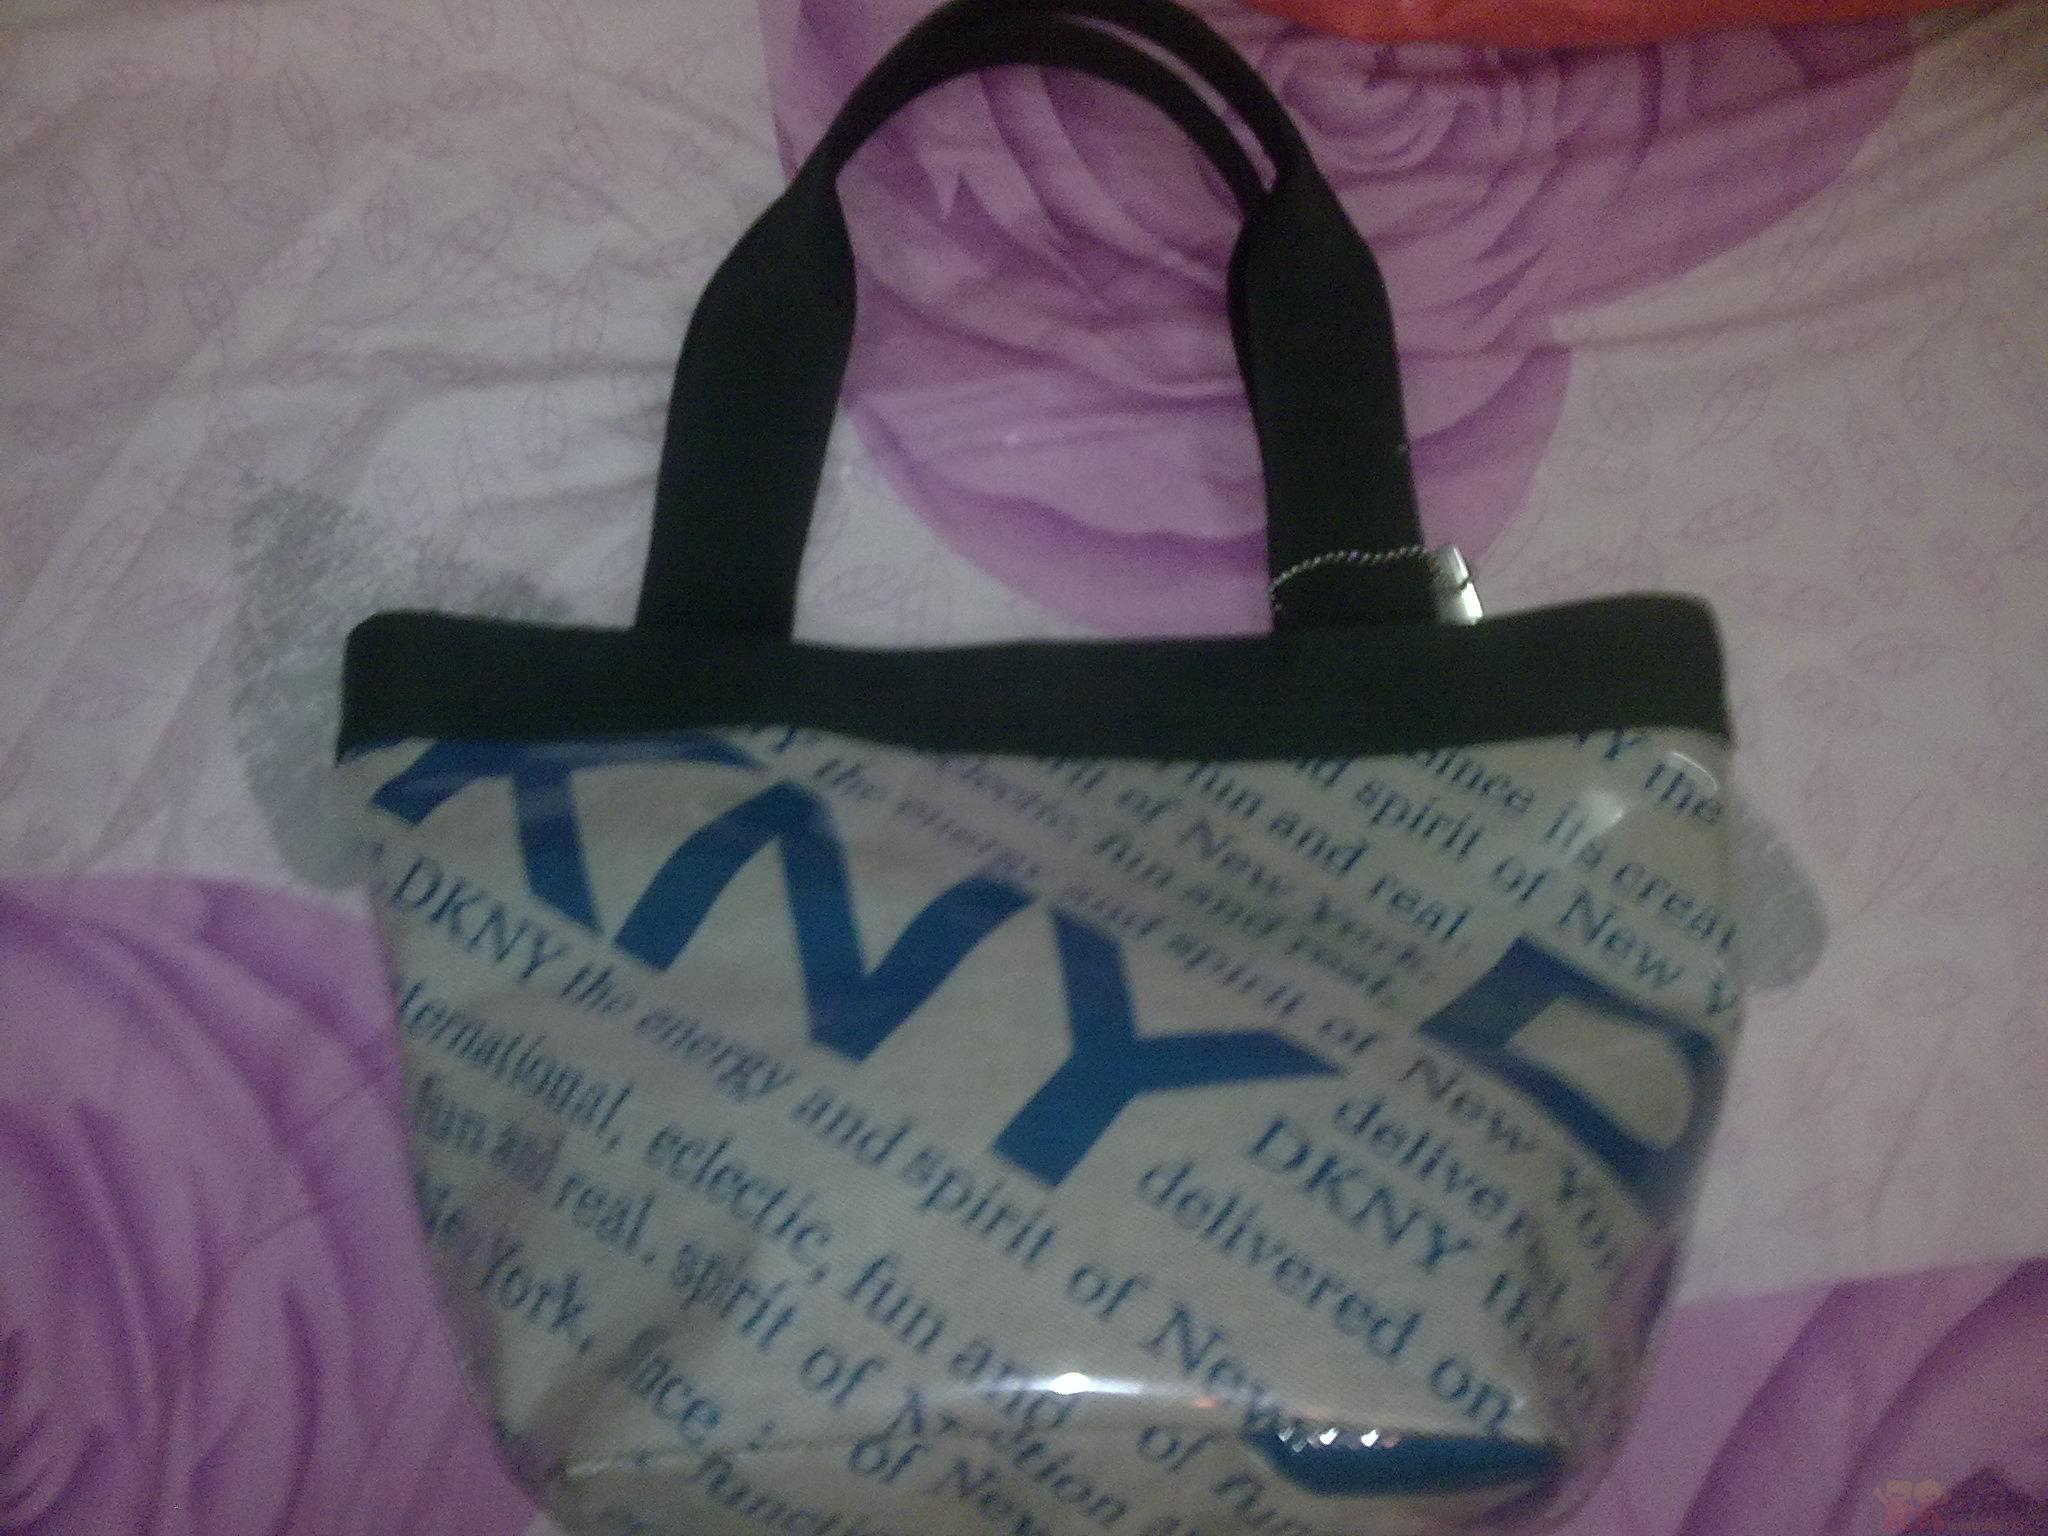 包 包包 包装 包装设计 购物纸袋 挎包手袋 女包 手提包 纸袋 2048